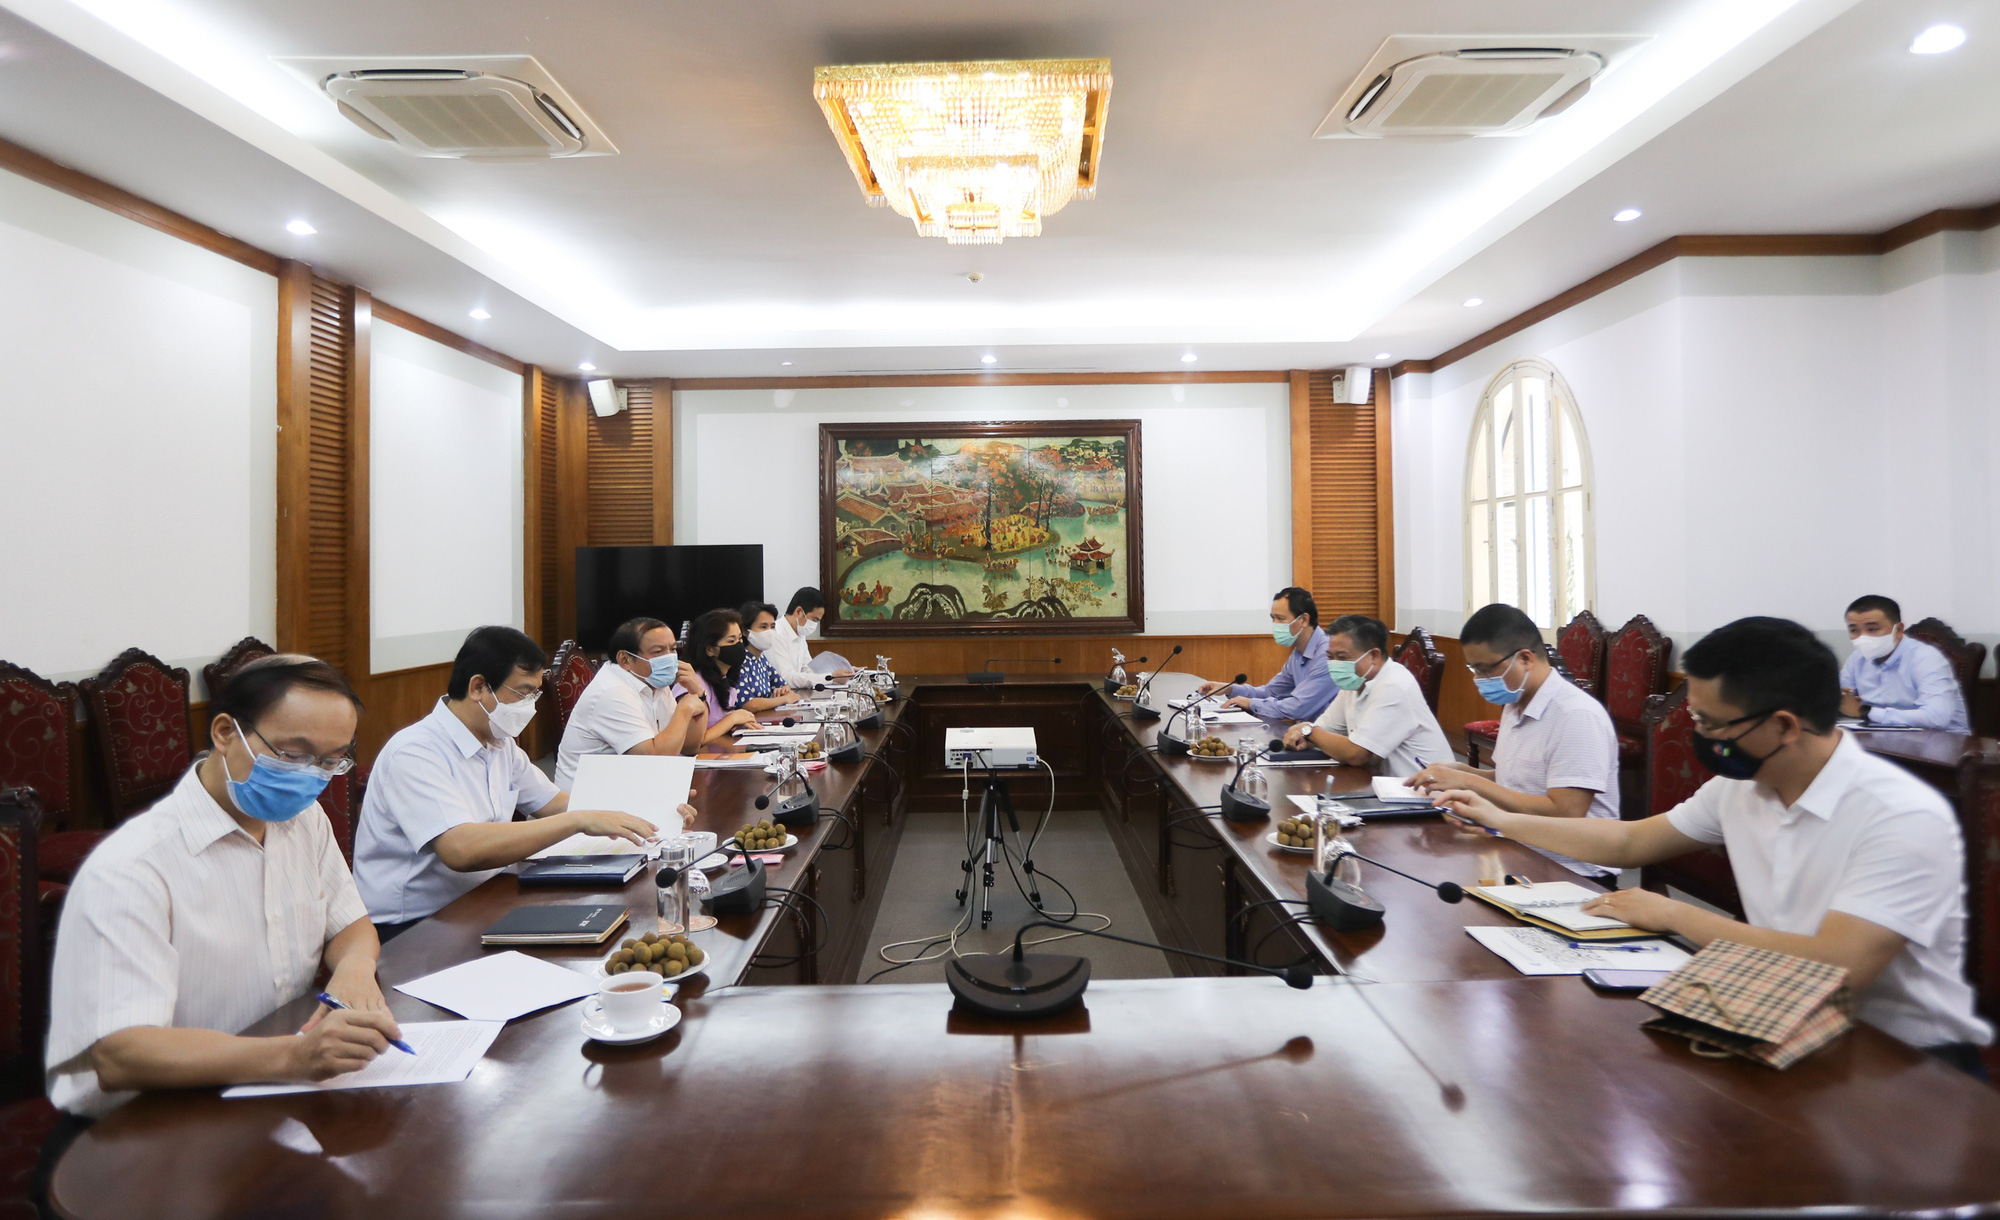 Thúc đẩy các hoạt động VHTTDL nhằm tăng cường mối quan hệ ngoại giao giữa Việt Nam-Campuchia - Ảnh 1.